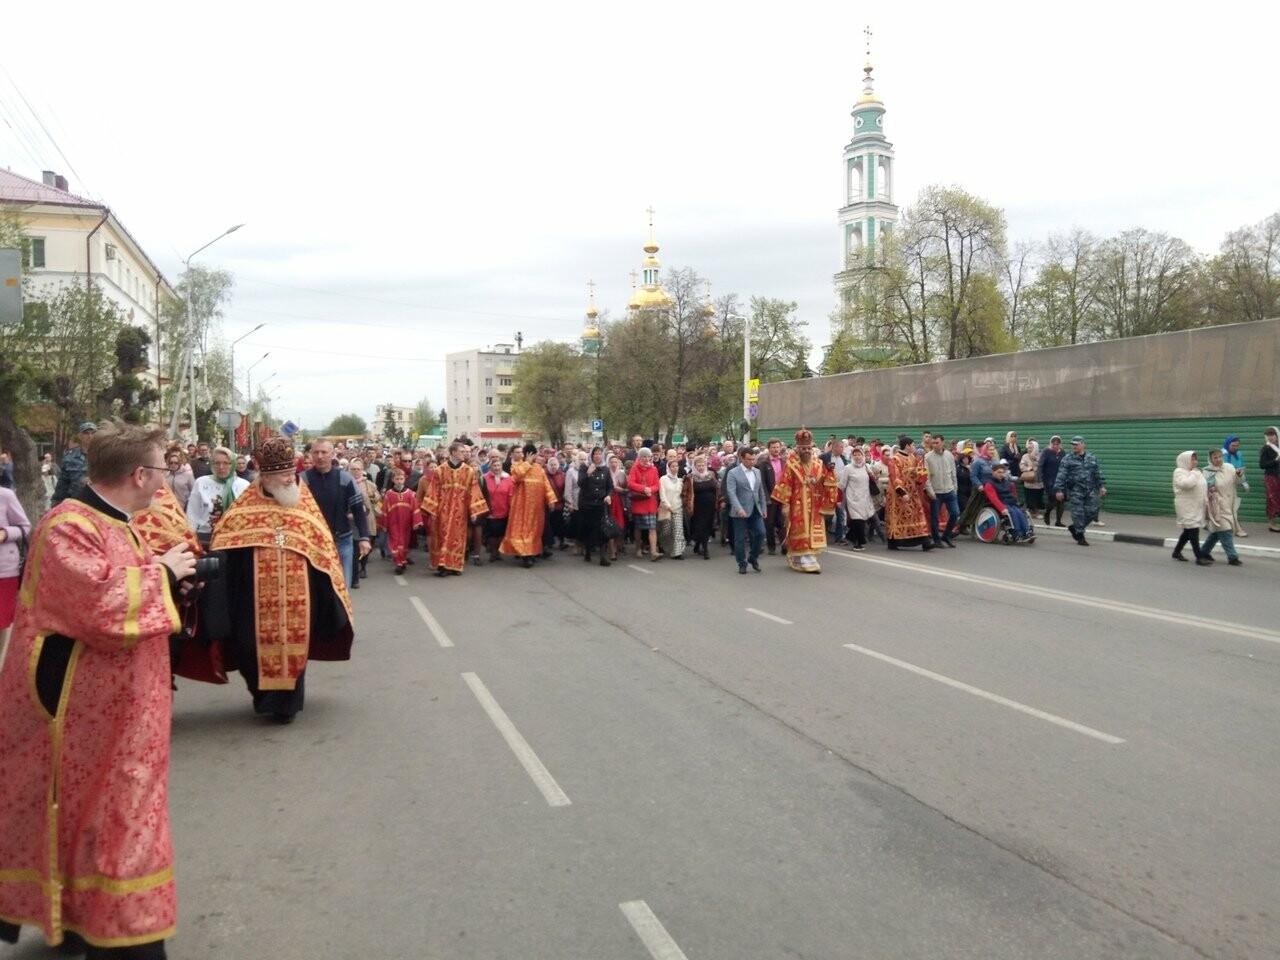 Тамбовские верующие совершили пасхальный крестный ход по улицам Тамбова, фото-3